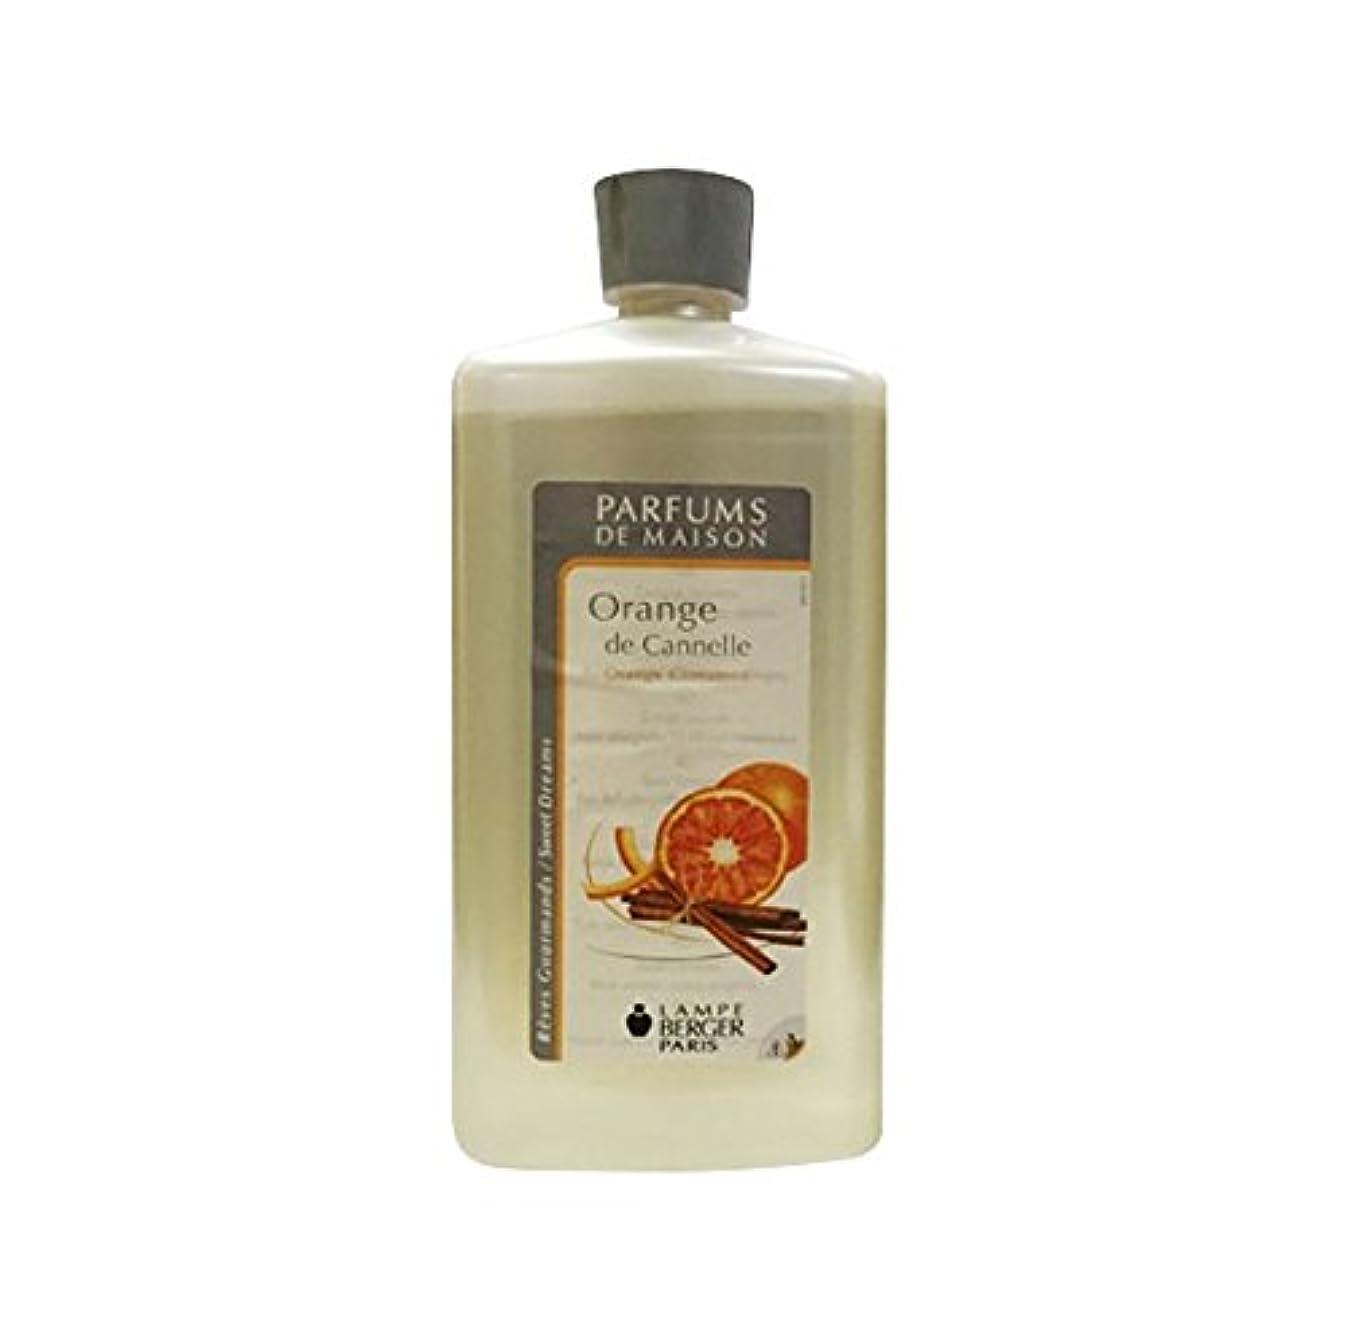 カーフ結紮幹ランプベルジェオイル(オレンジシナモン)Orange de Cannelle / Orange Cinnamon